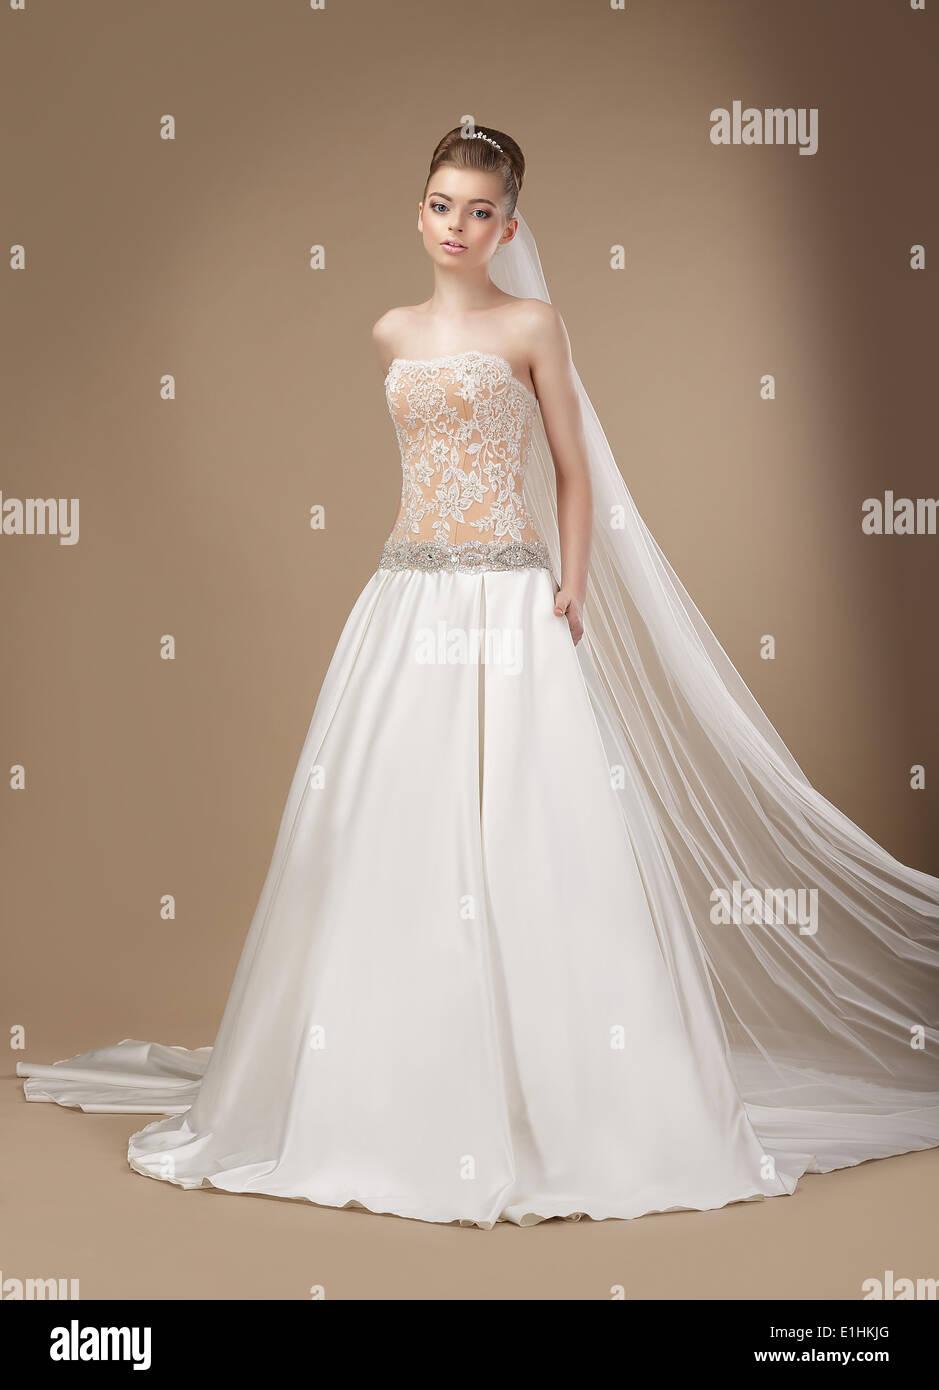 Luxus. Elegante klassische Brünette in Elfenbein leichten Kleid Stockbild